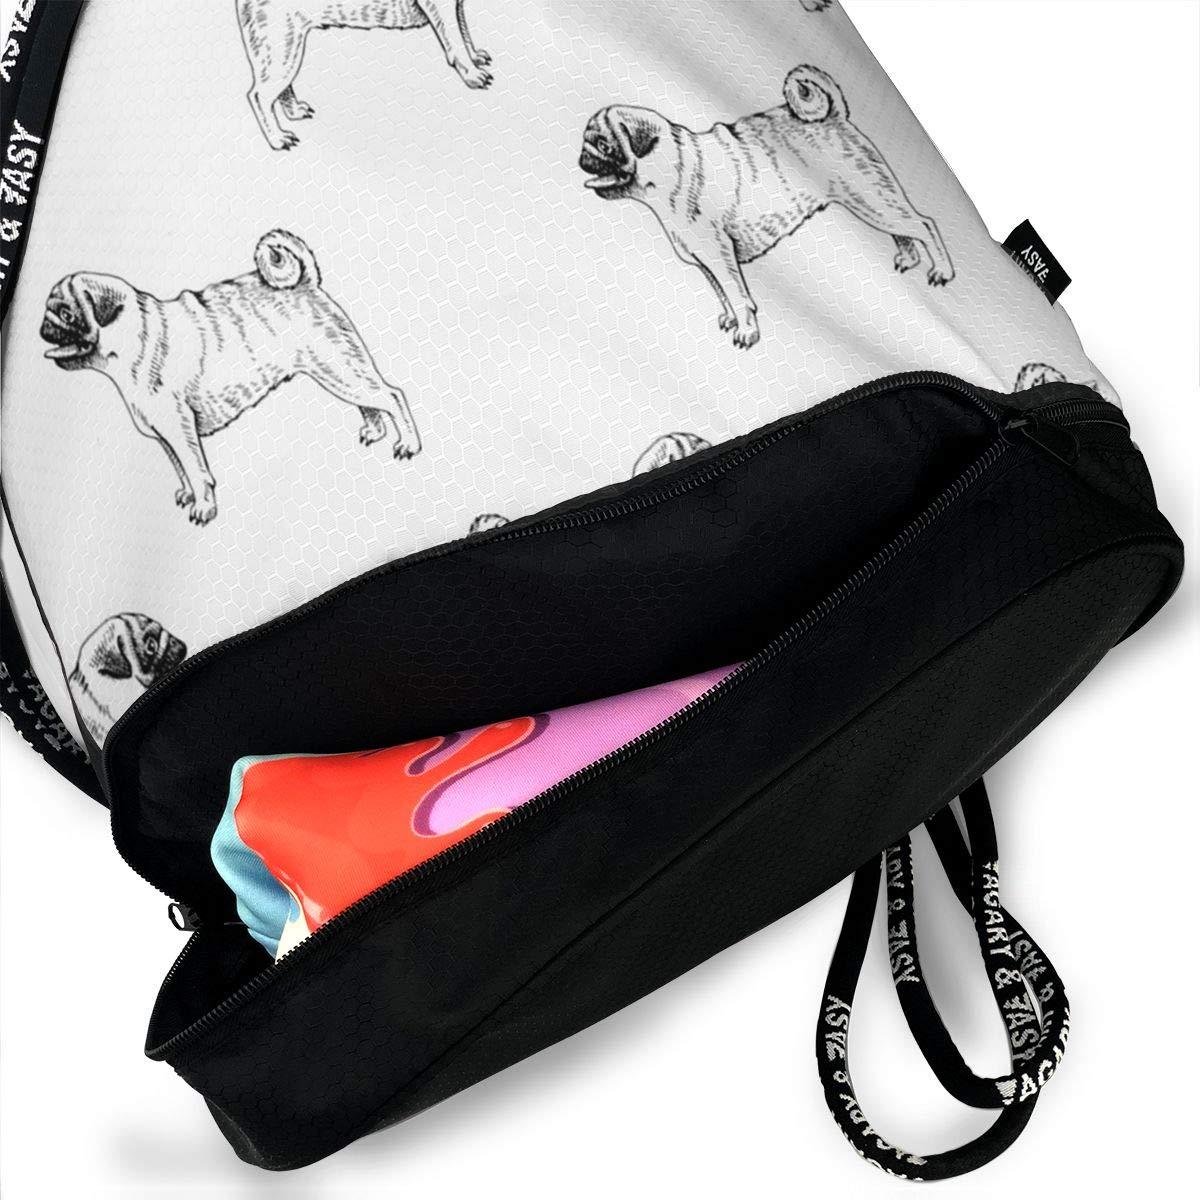 HUOPR5Q Various Planes Pattern Drawstring Backpack Sport Gym Sack Shoulder Bulk Bag Dance Bag for School Travel